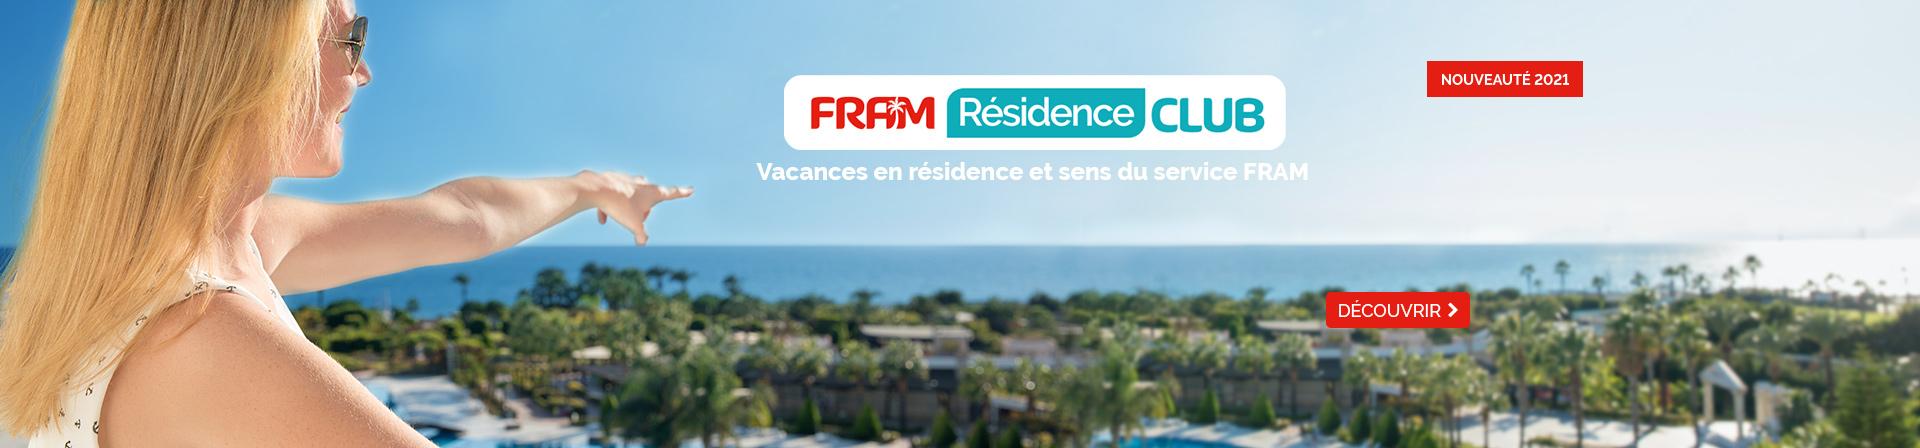 Fram Résicence Club